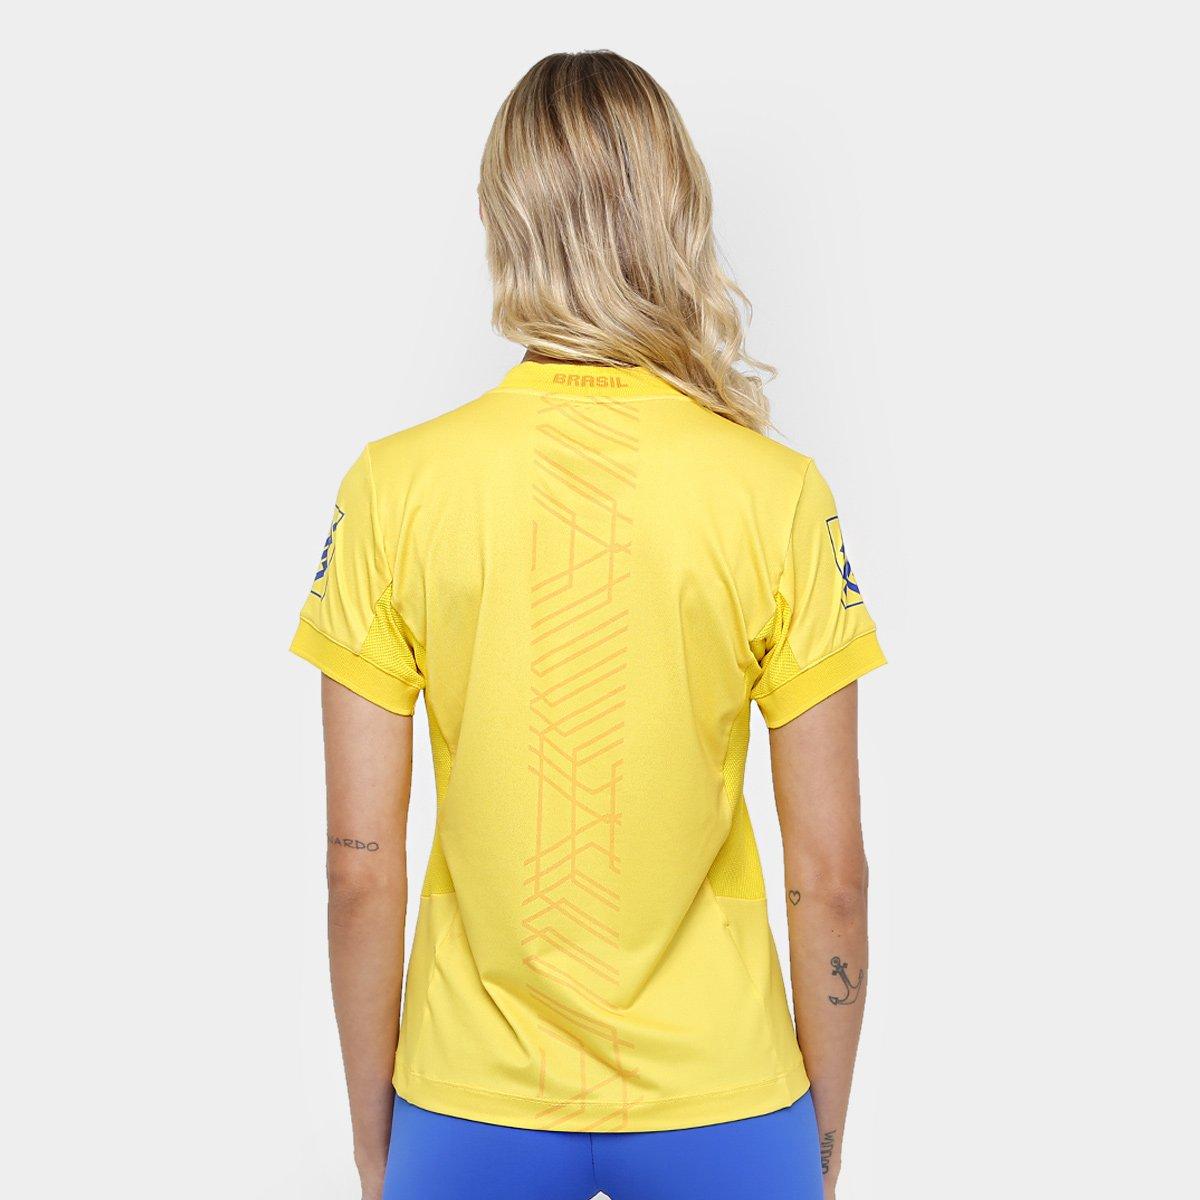 Camiseta Oficial Vôlei Camiseta Asics Jogo CBV Oficial Amarelo Asics CBV Vôlei Amarelo Asics Jogo Camiseta Vôlei Oficial pz4qdYq